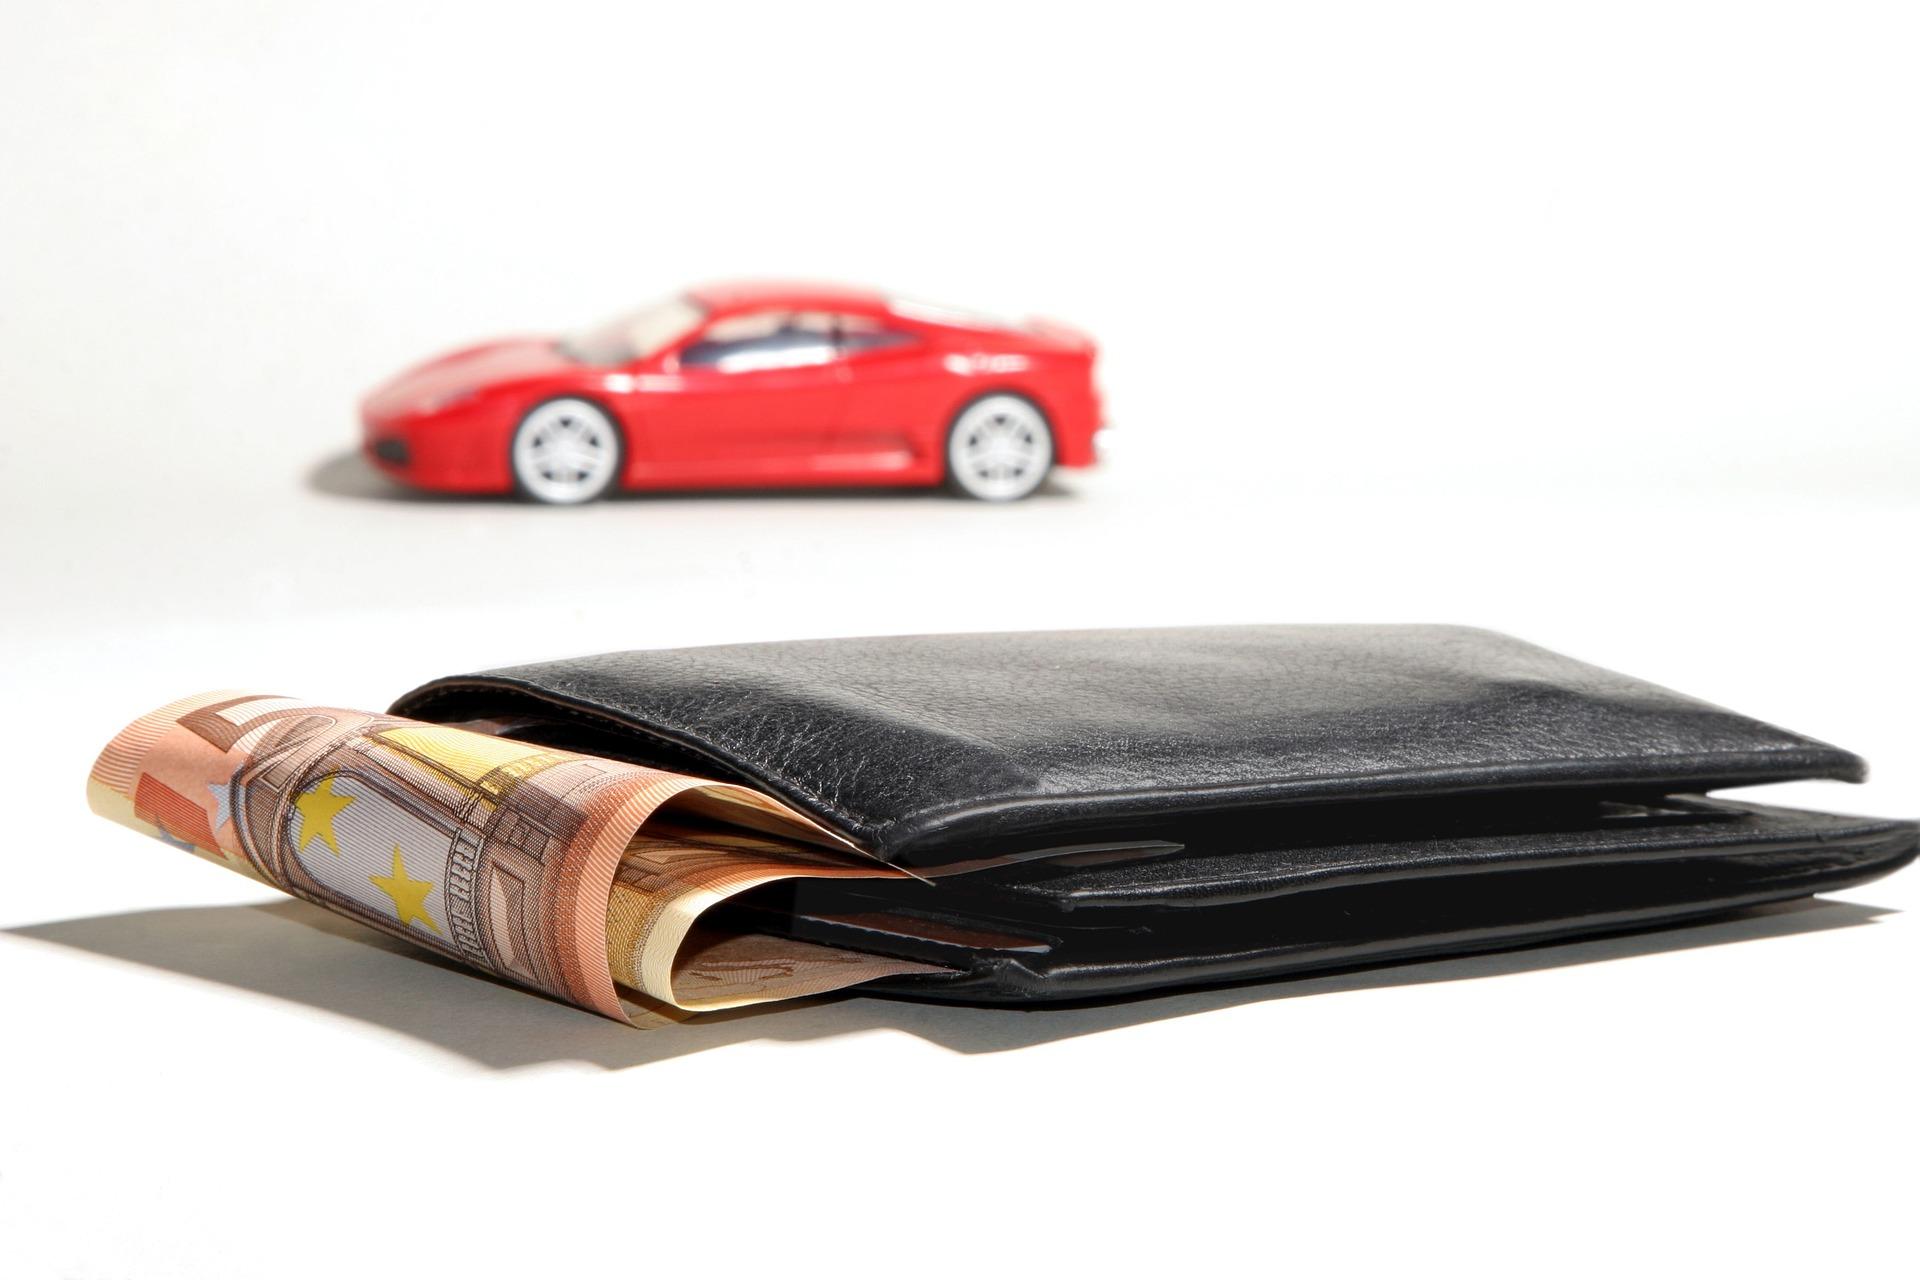 Financement avec calculateur de leasing